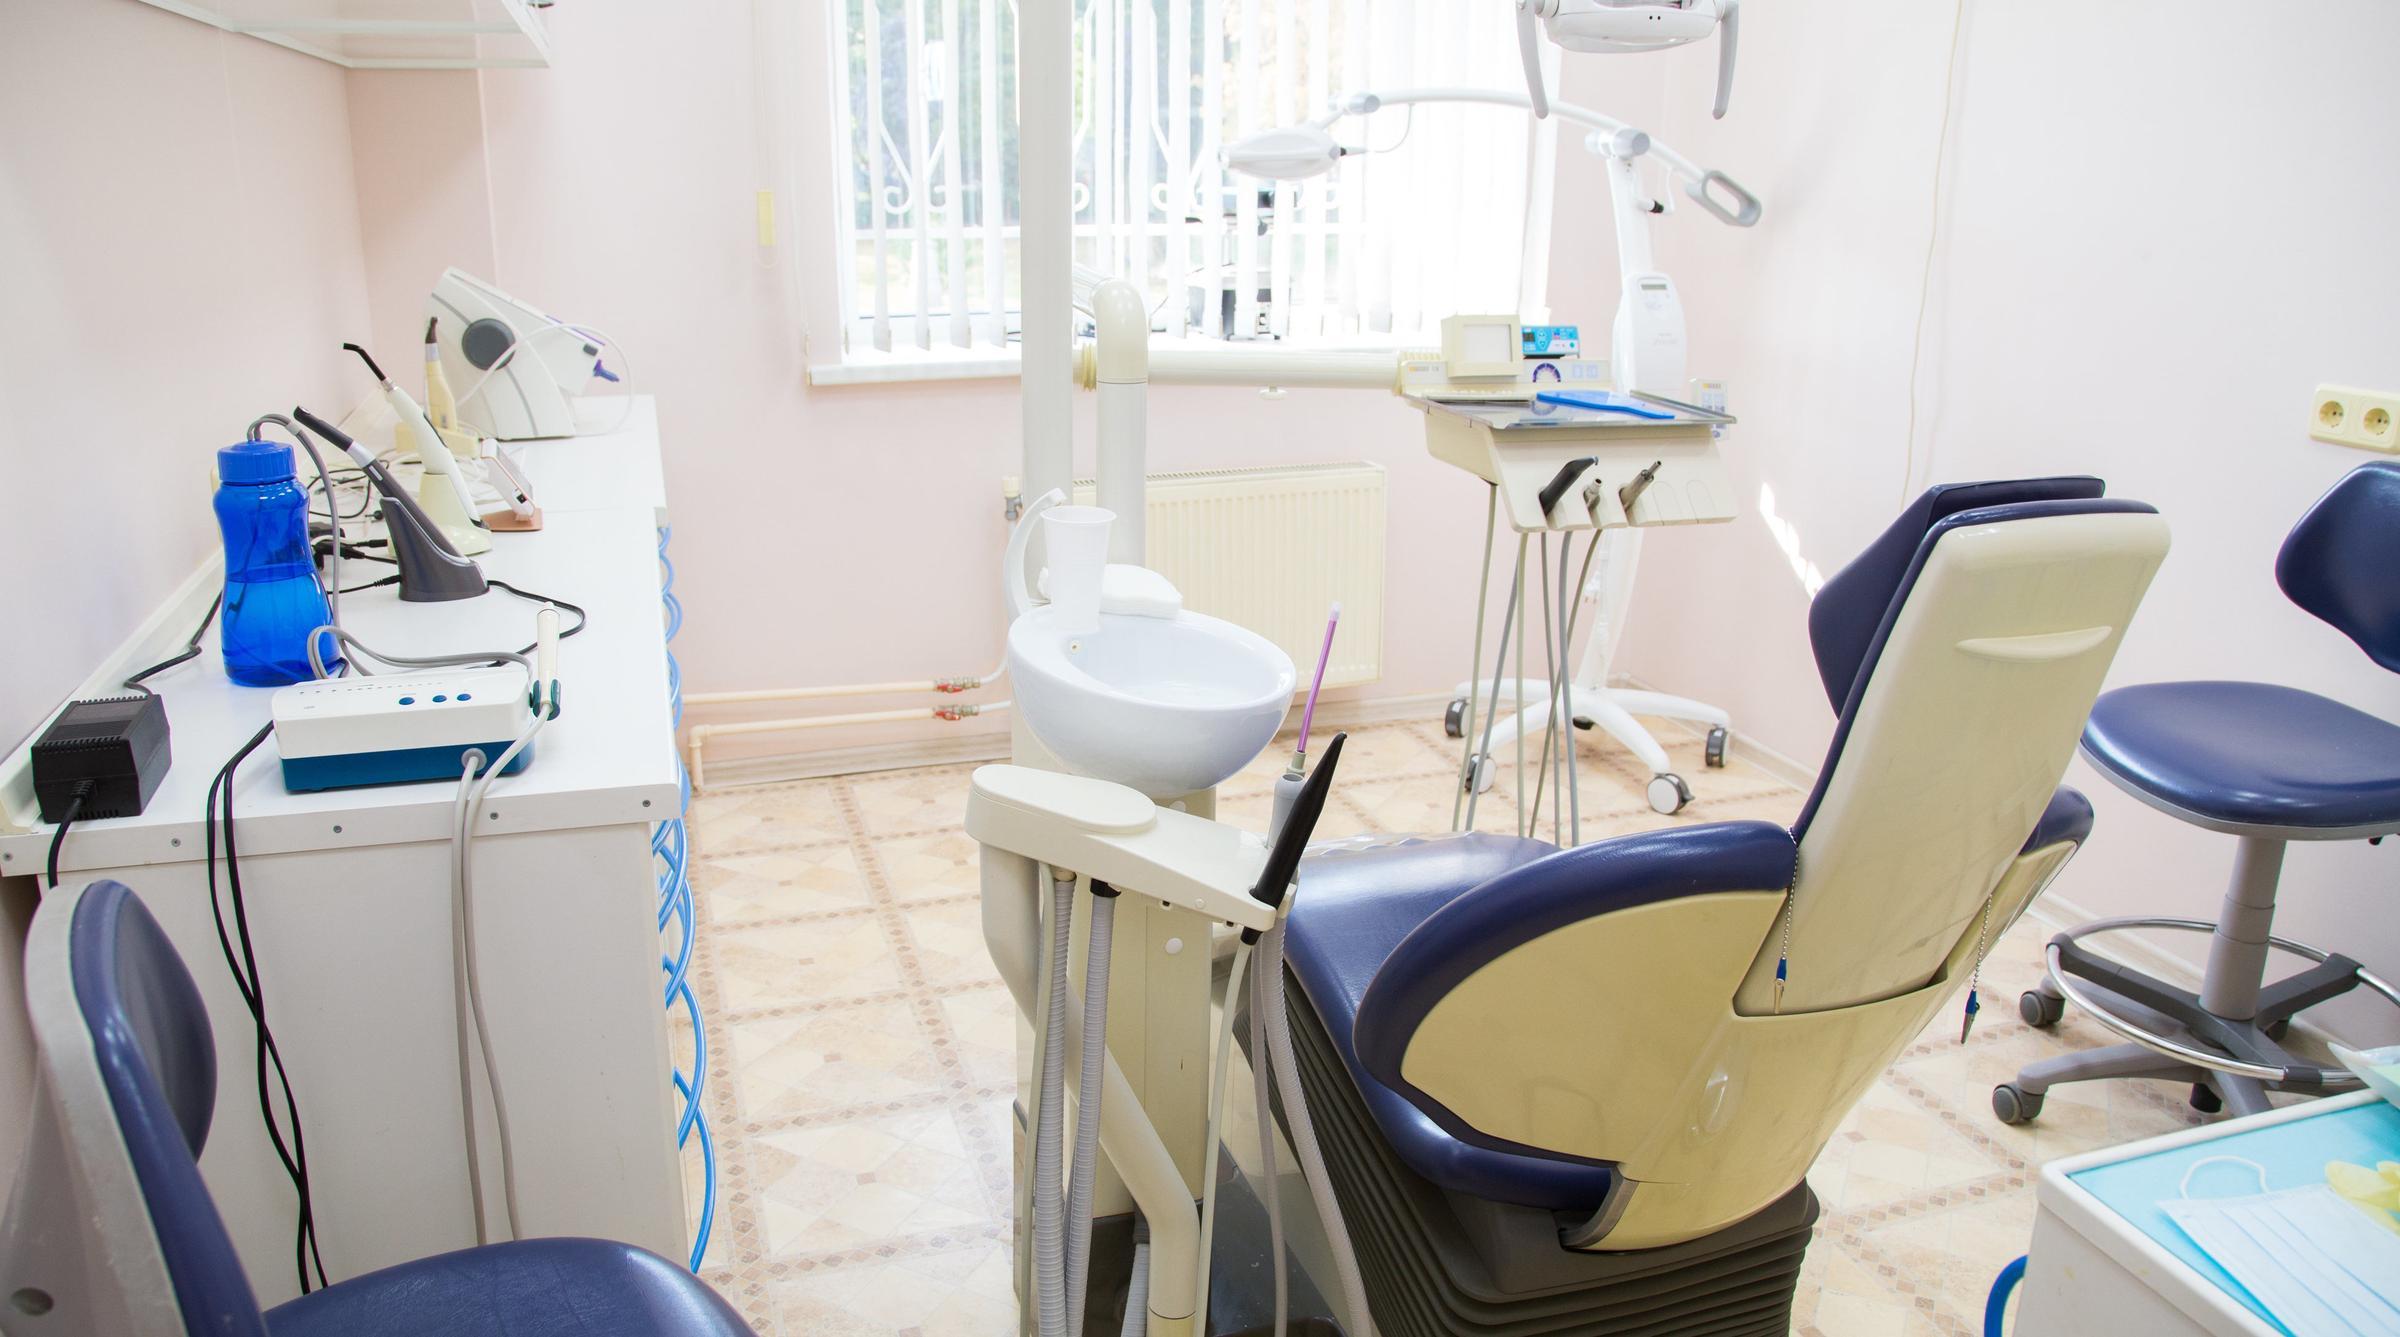 фотография Стоматологической клиники Бьюти Дент на метро Серпуховская